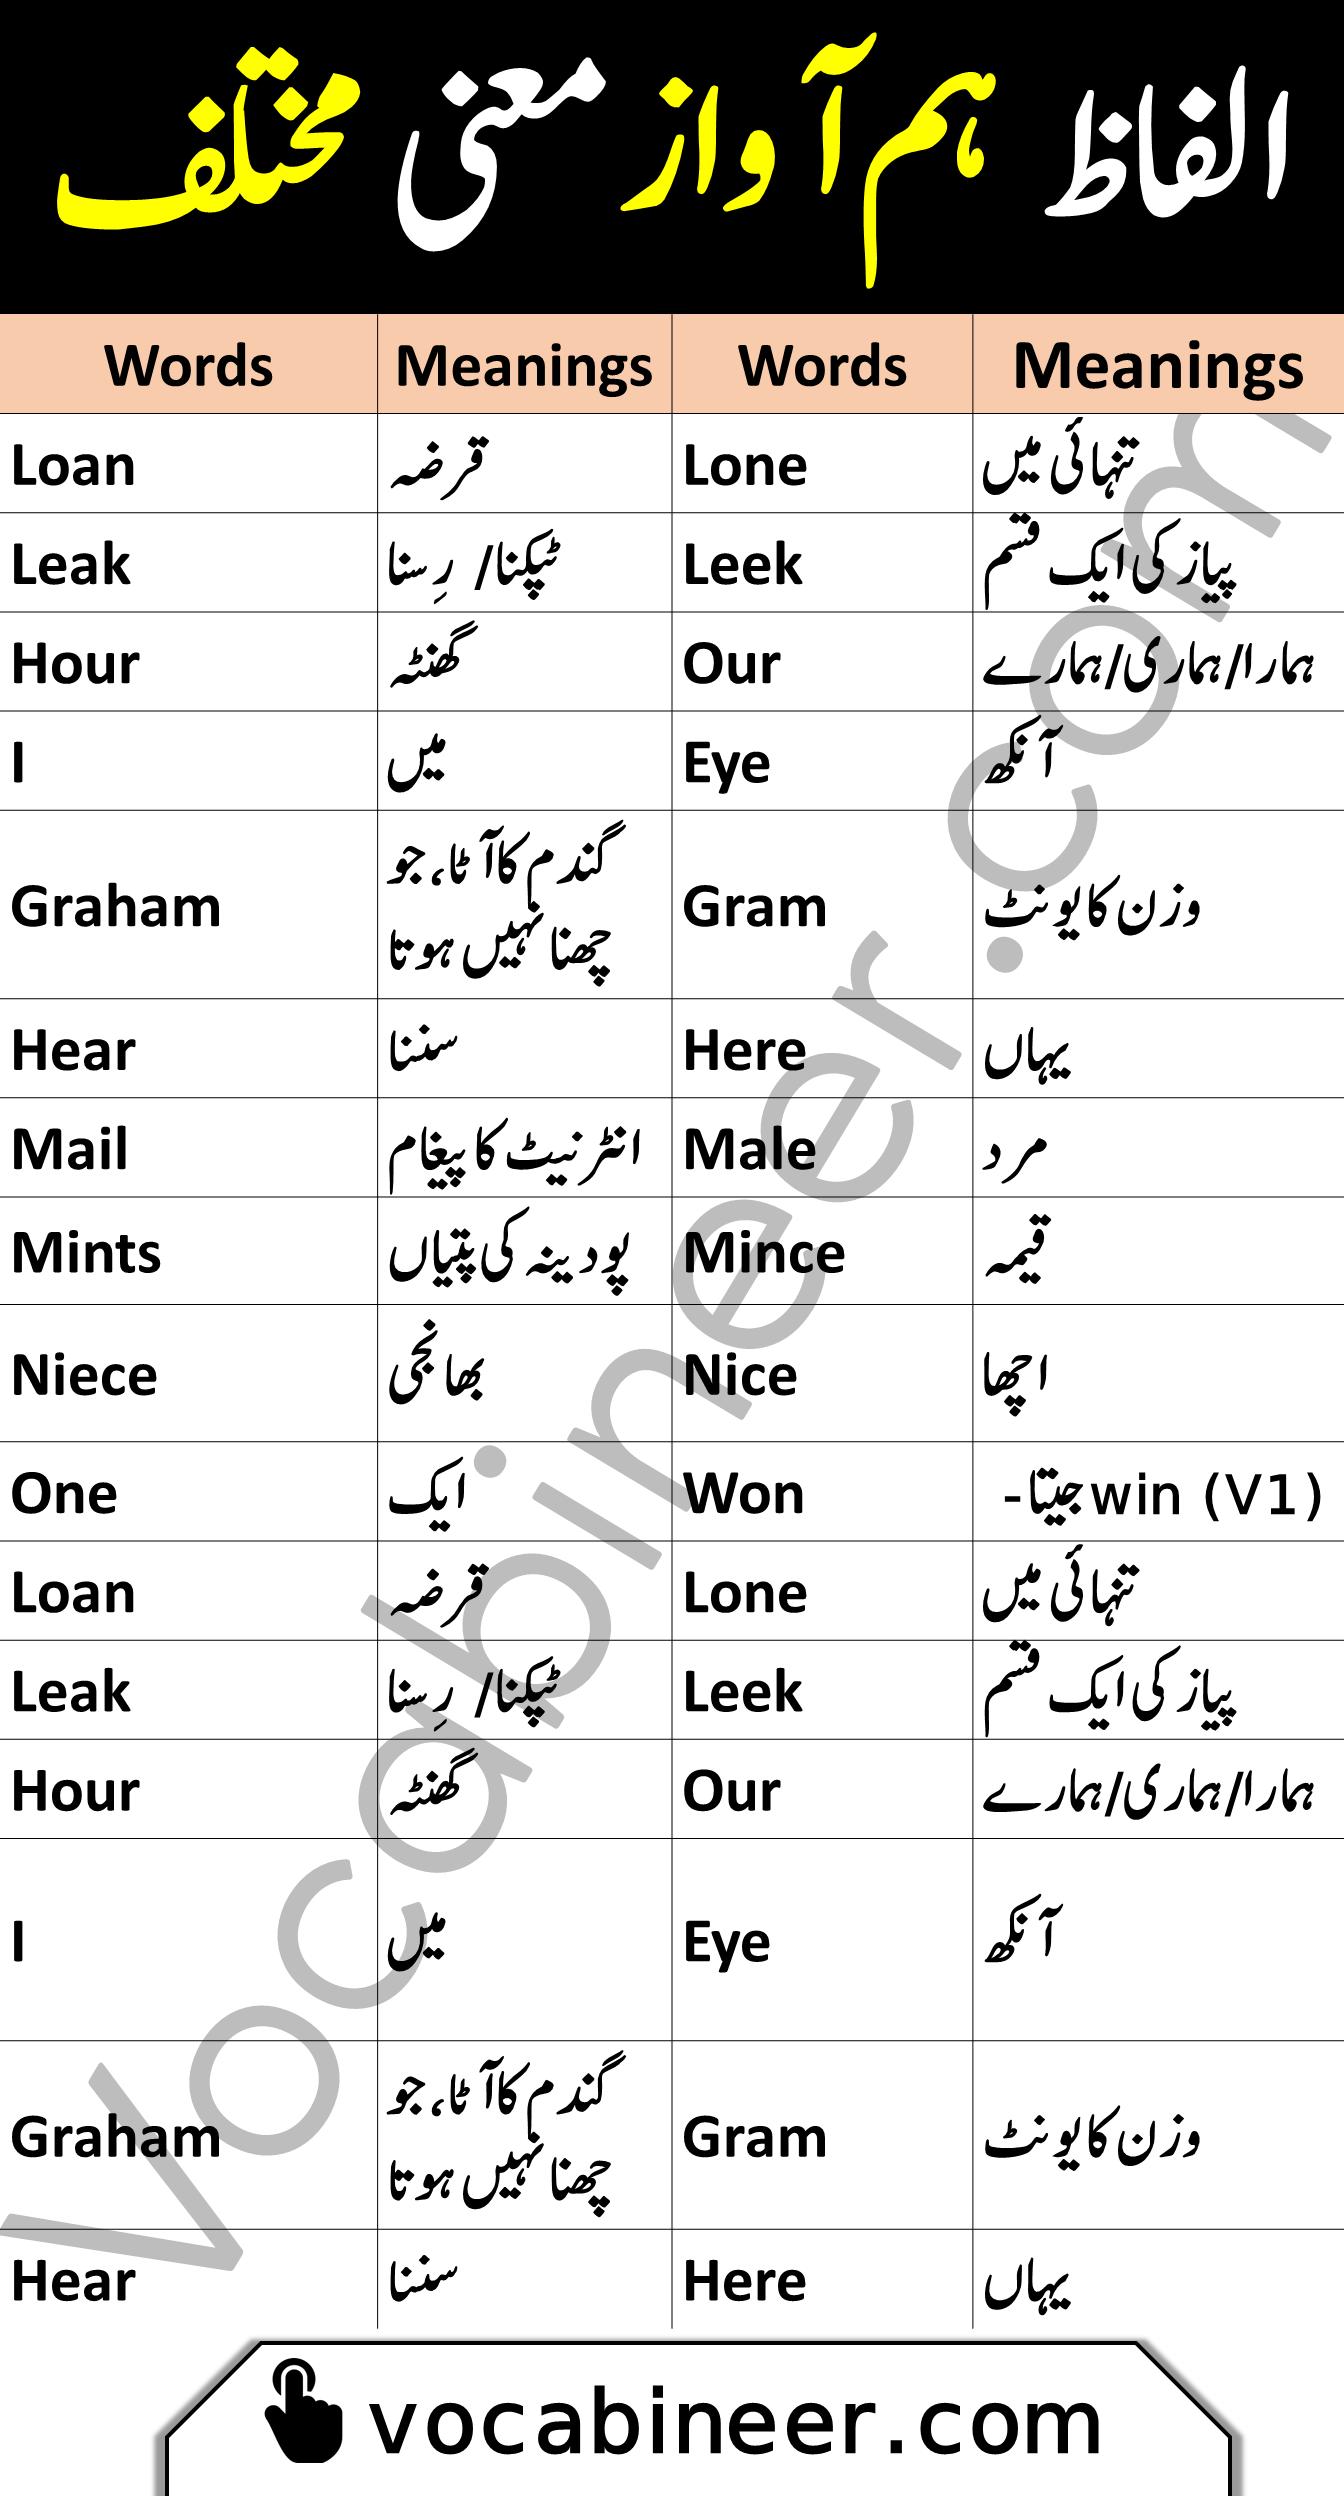 Homonyms vocabulary words in Urdu